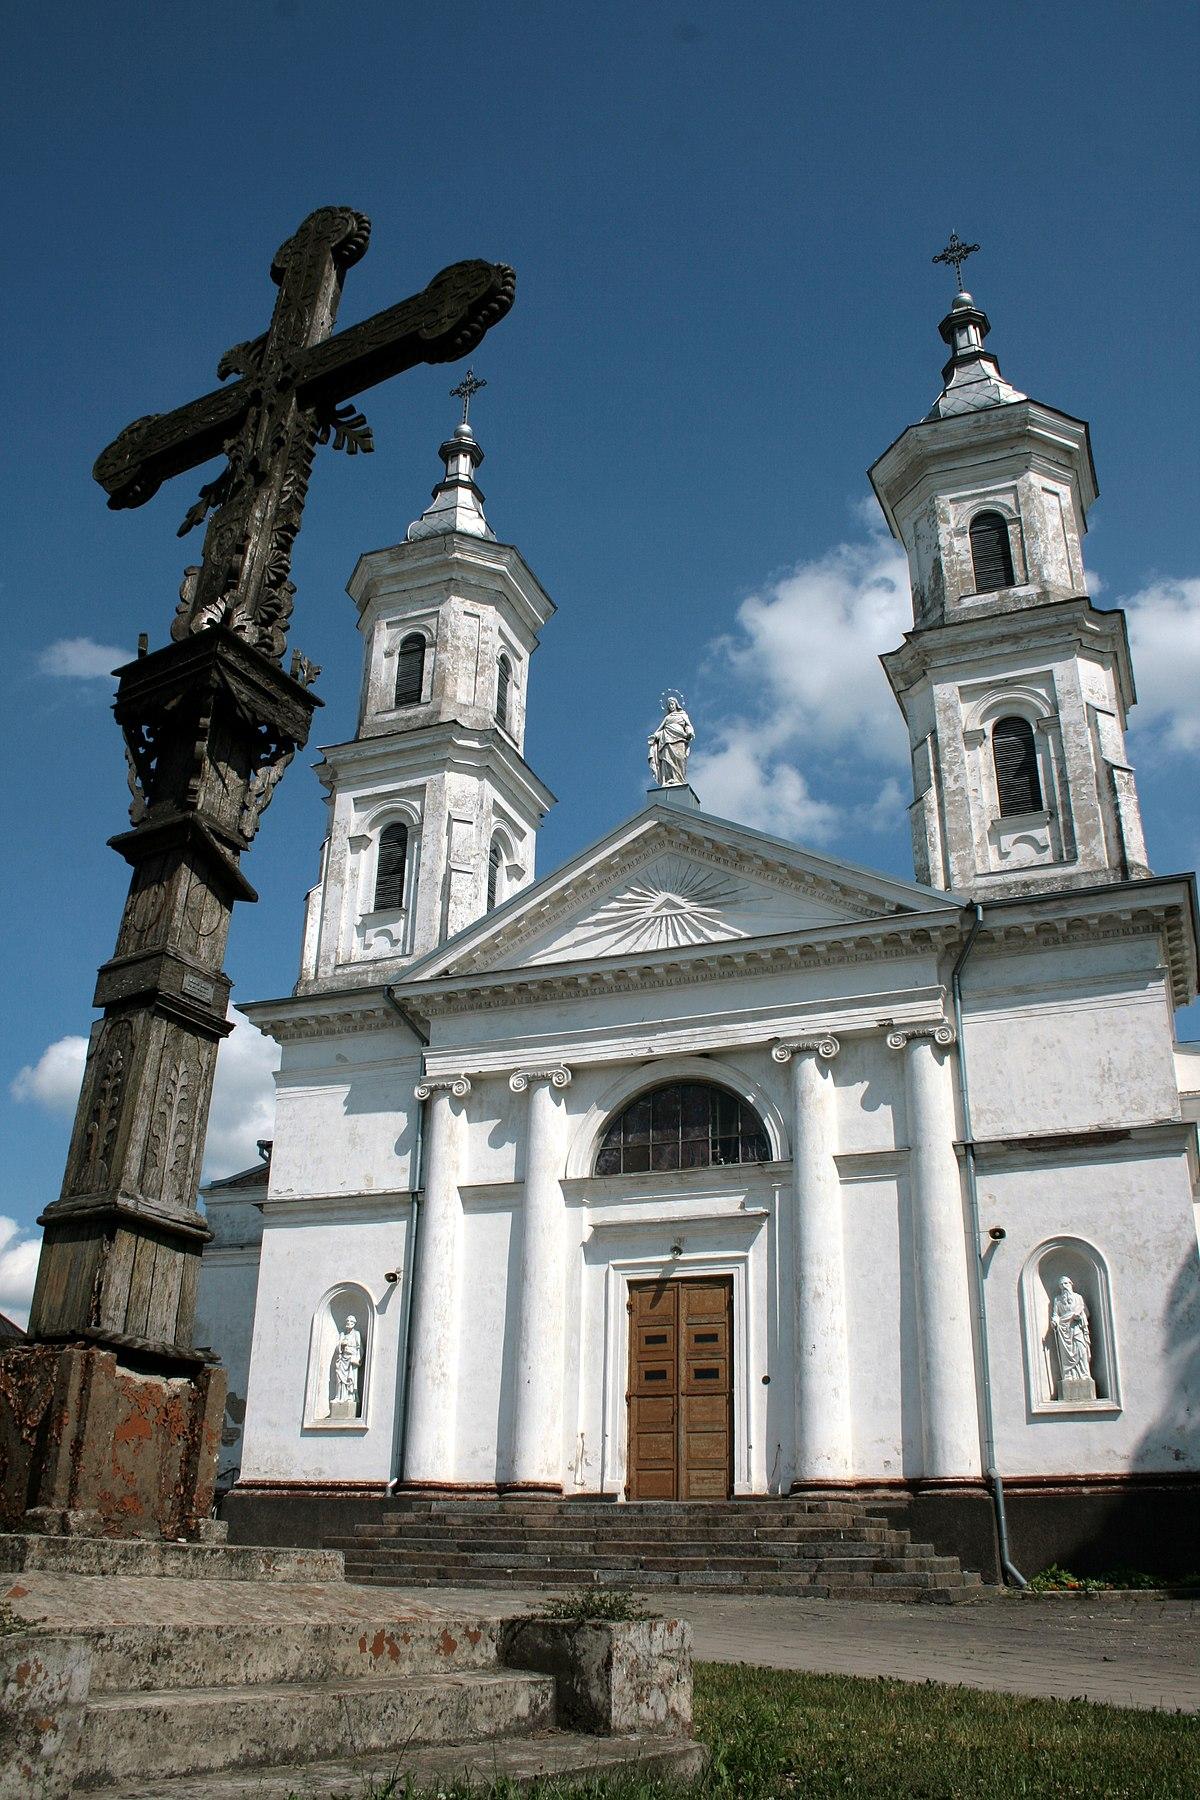 Kalwaria (Litwa) – Wikipodróże, wolny przewodnik turystyczny